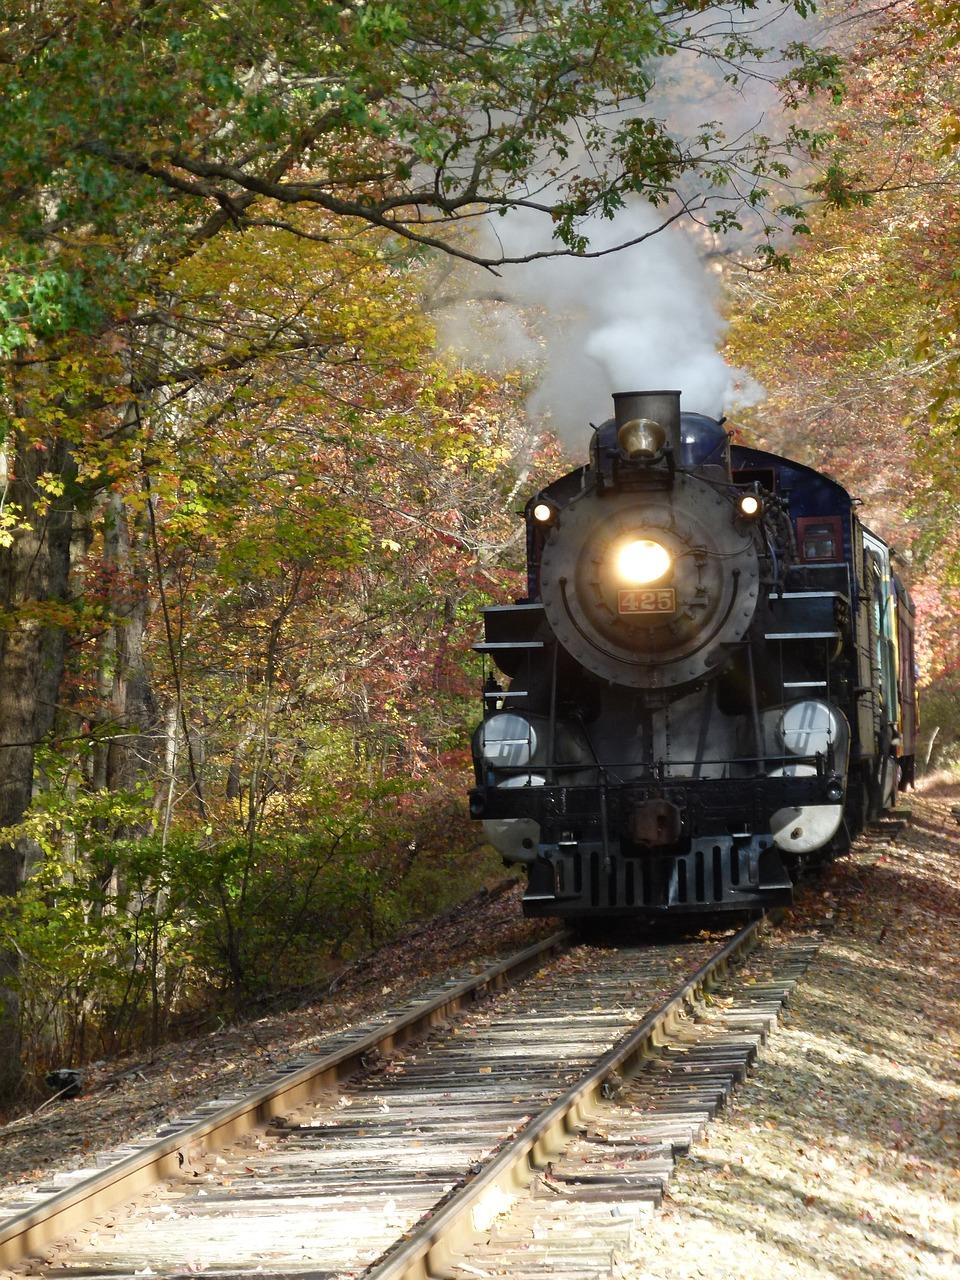 последнее время фото поездов для авы пышный